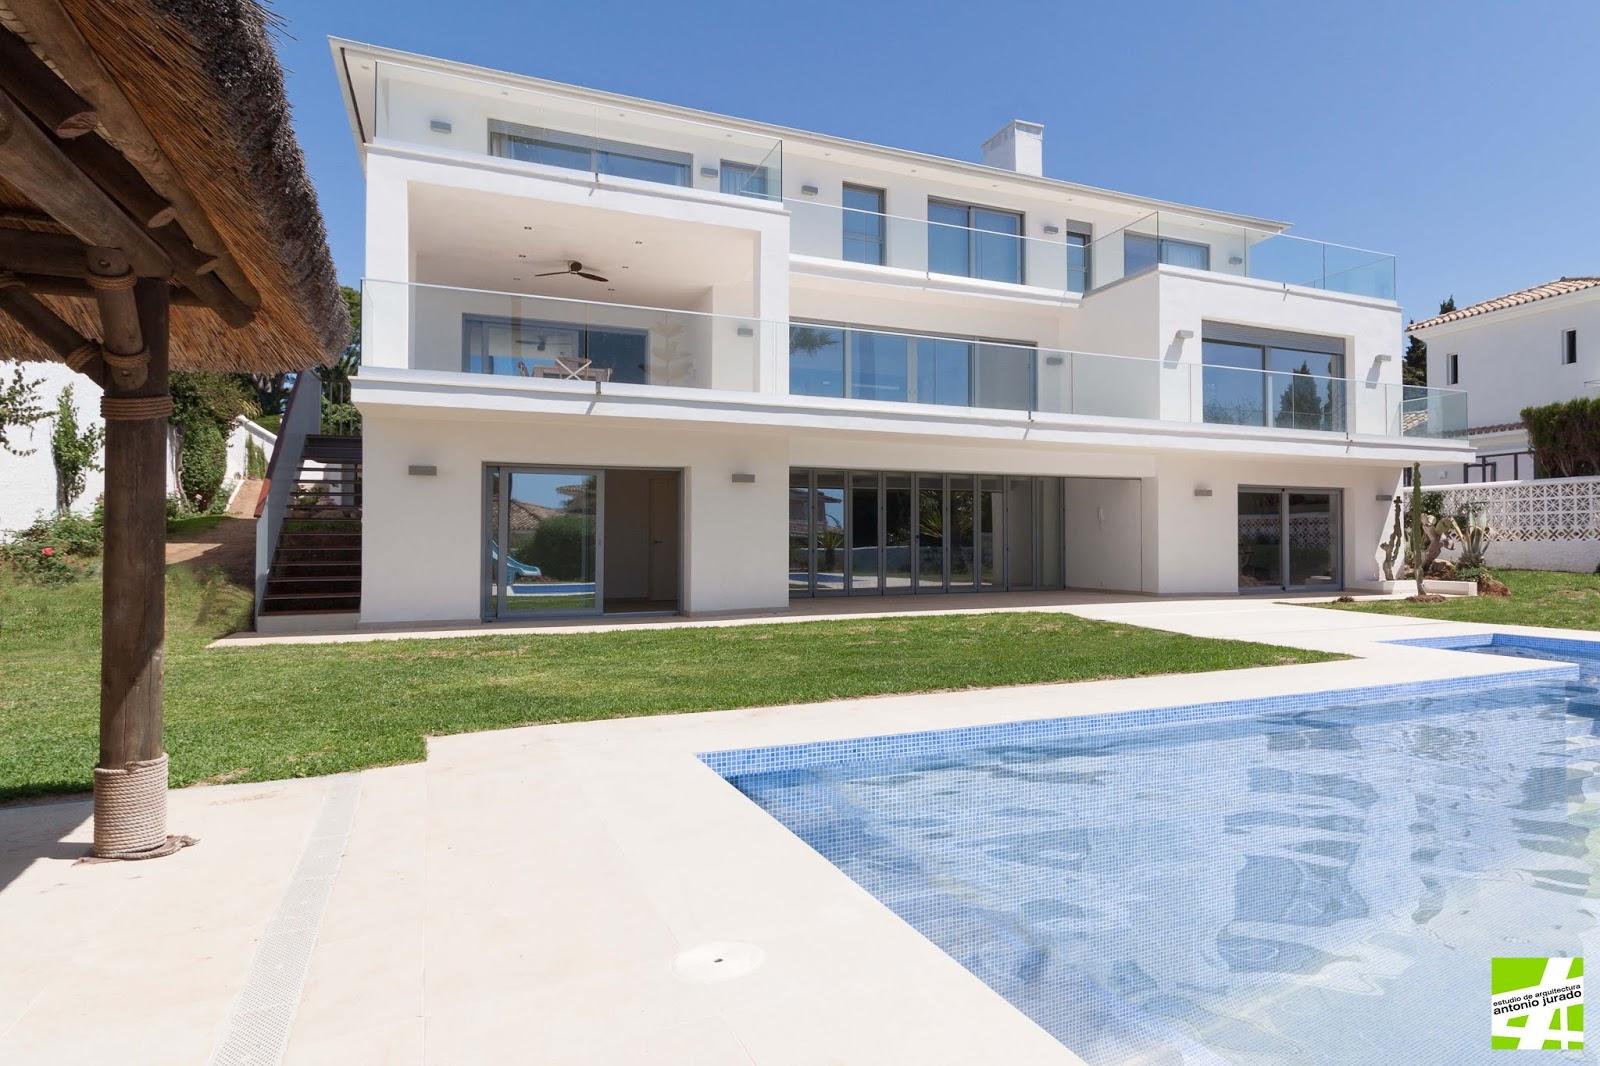 casa-ph-marbella-malaga-antonio-jurado-arquitecto-03